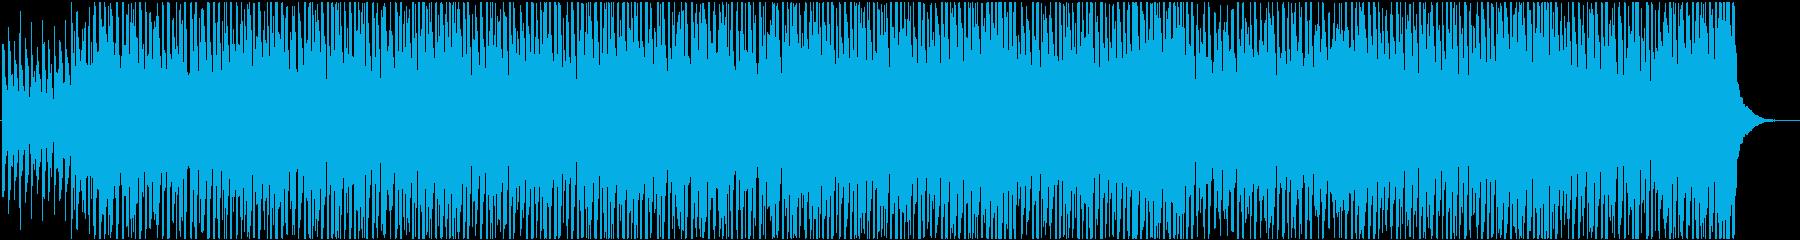 News5 16bit48kHzVerの再生済みの波形